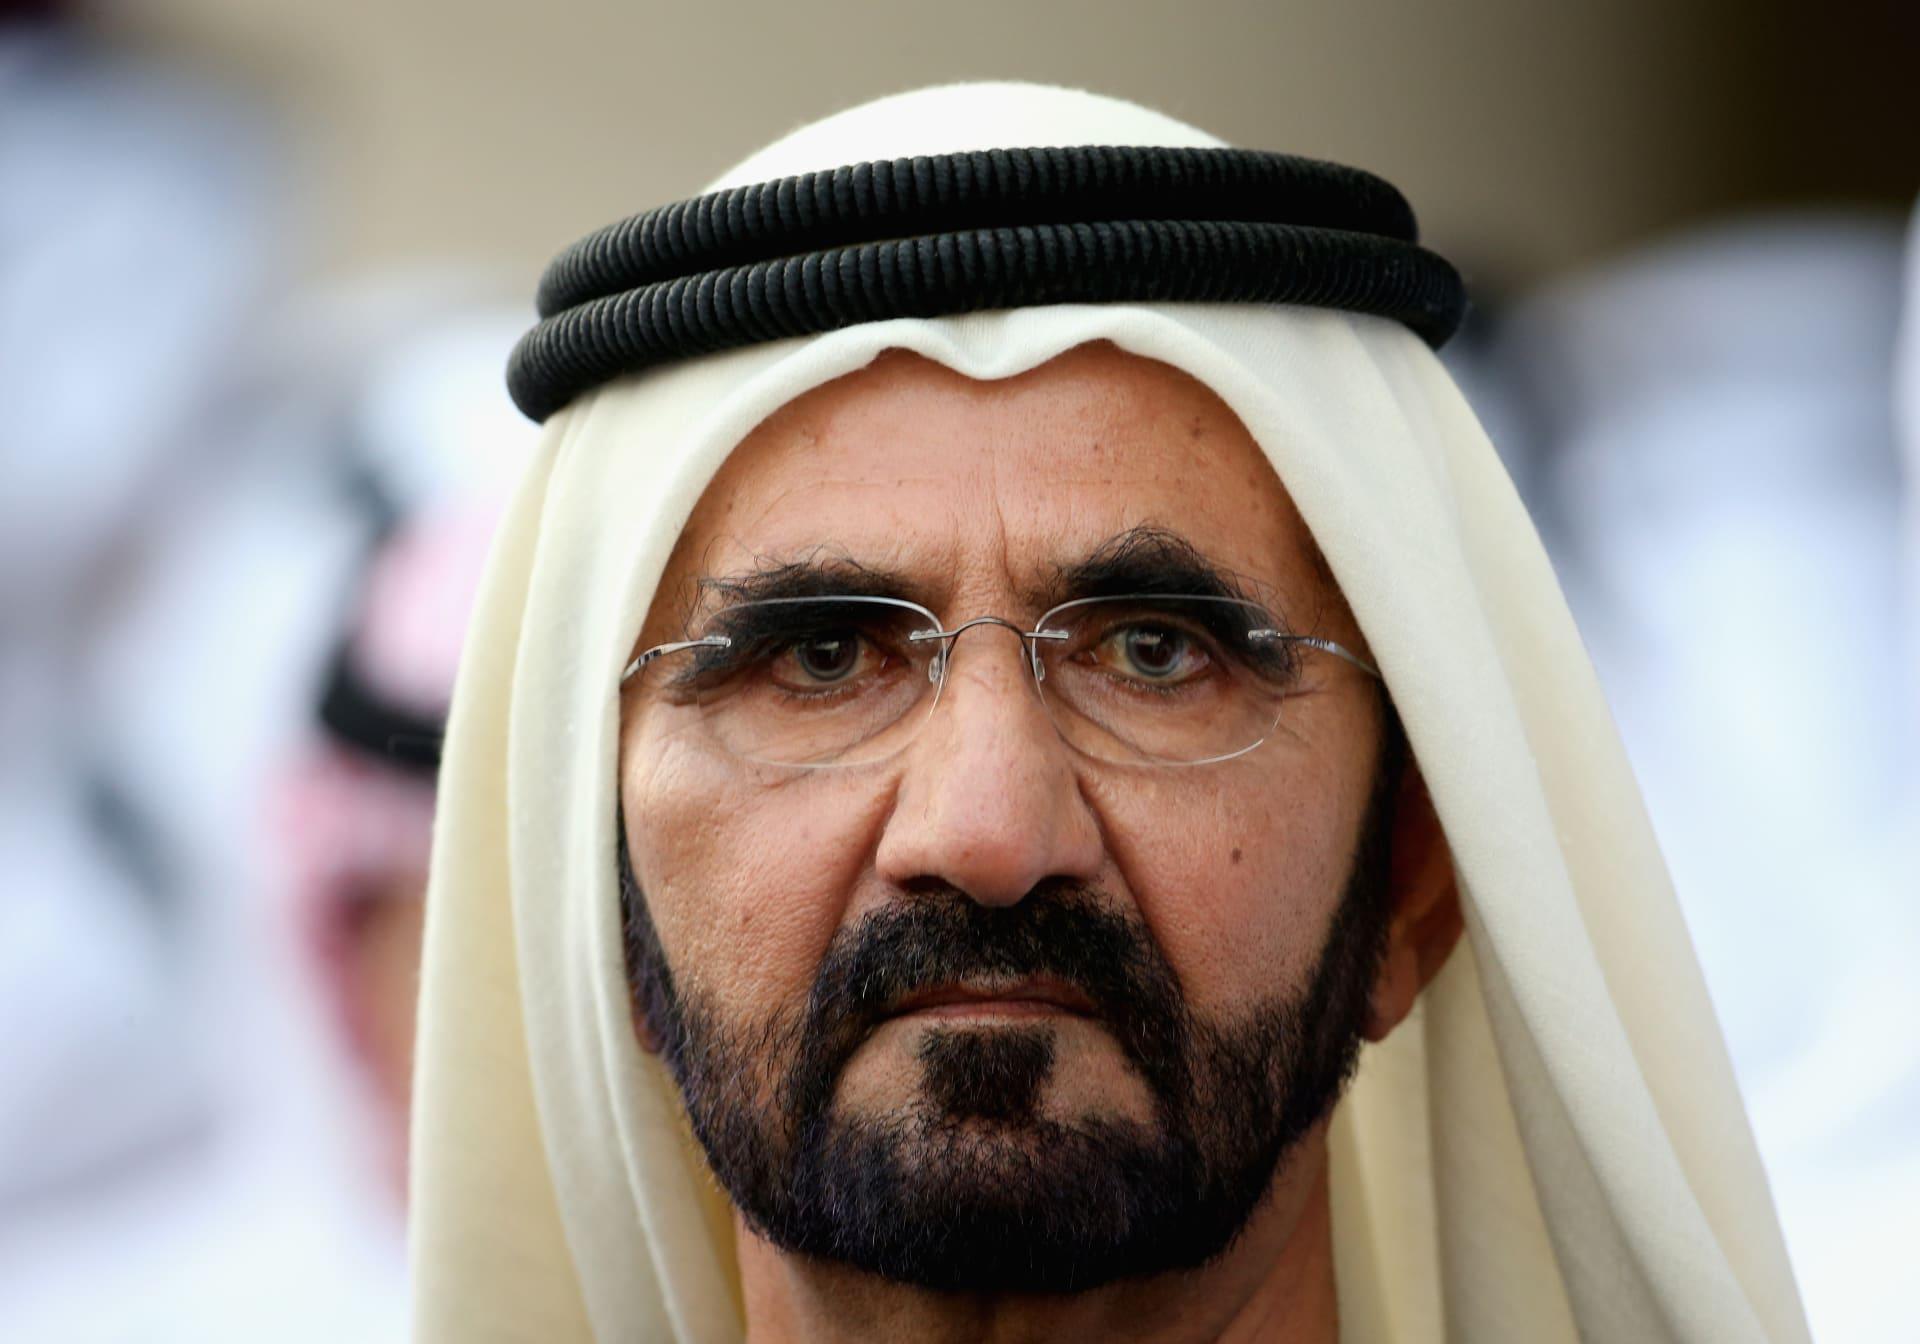 رئيس الوزراء الاماراتي محمد بن راشد آل مكتوم